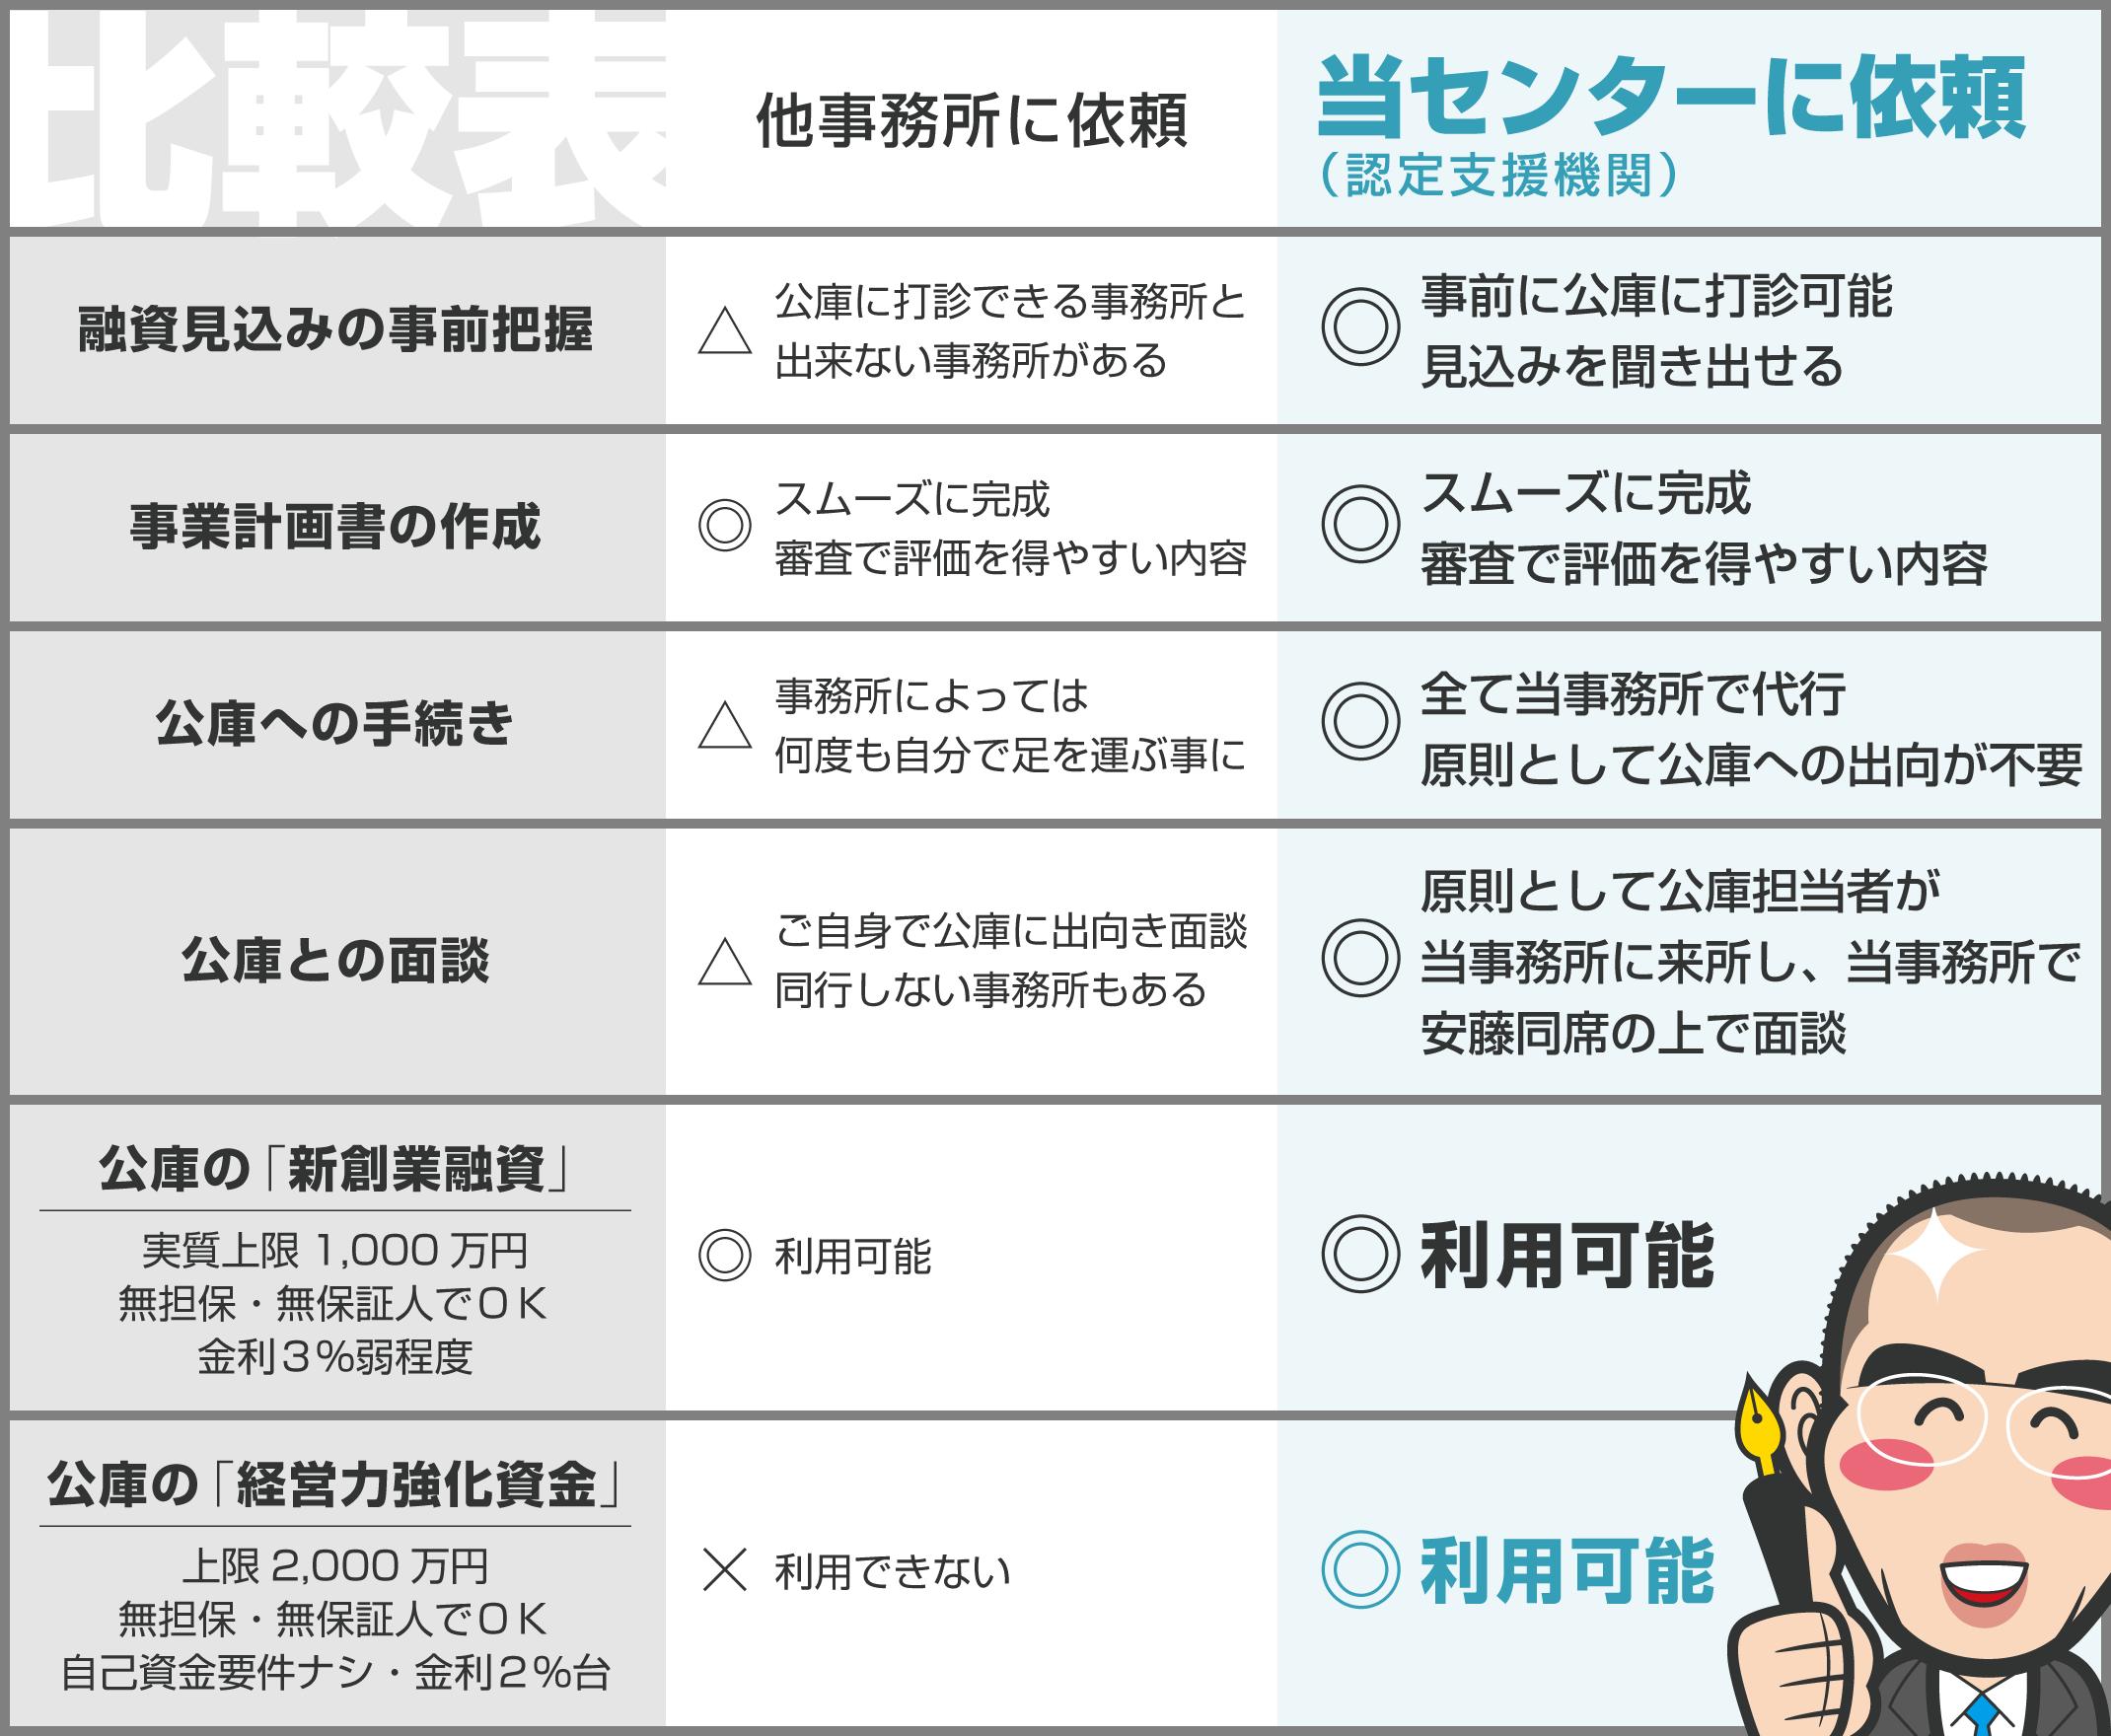 横浜公庫創業融資獲得支援センターなら「経営力強化資金」に申込みができます。